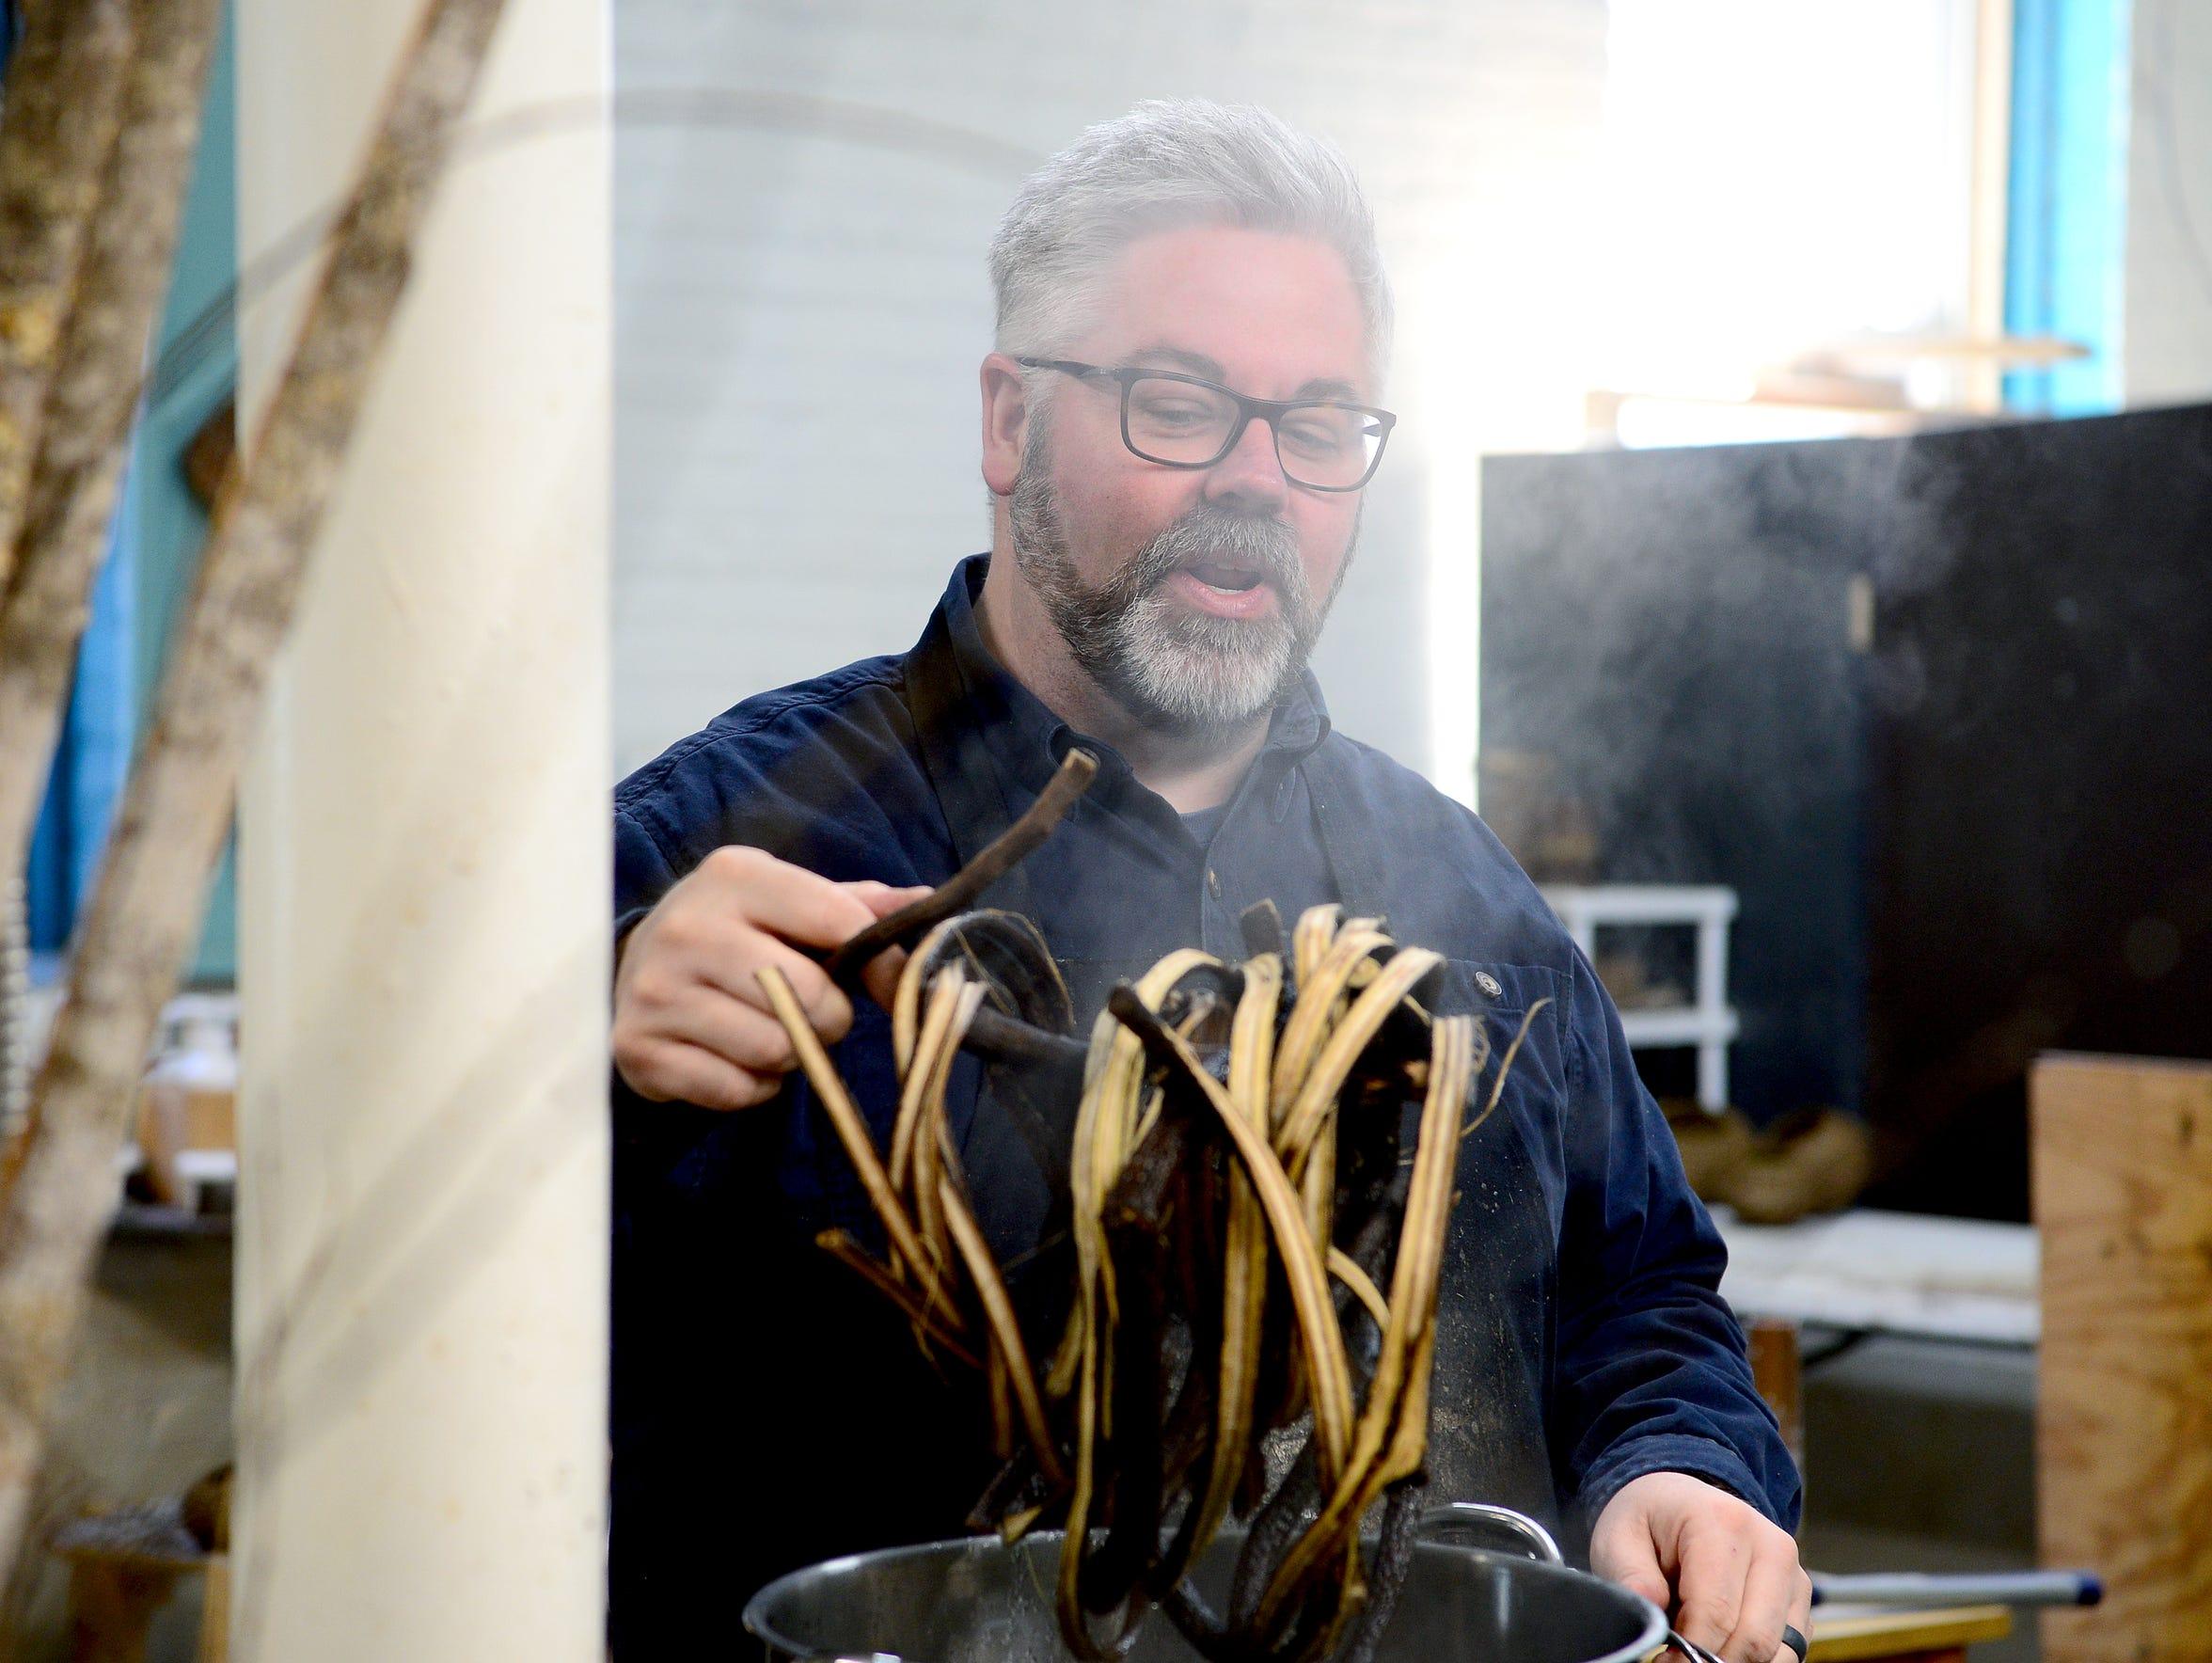 Artist Matt Tommey pulls weaving materials out of a